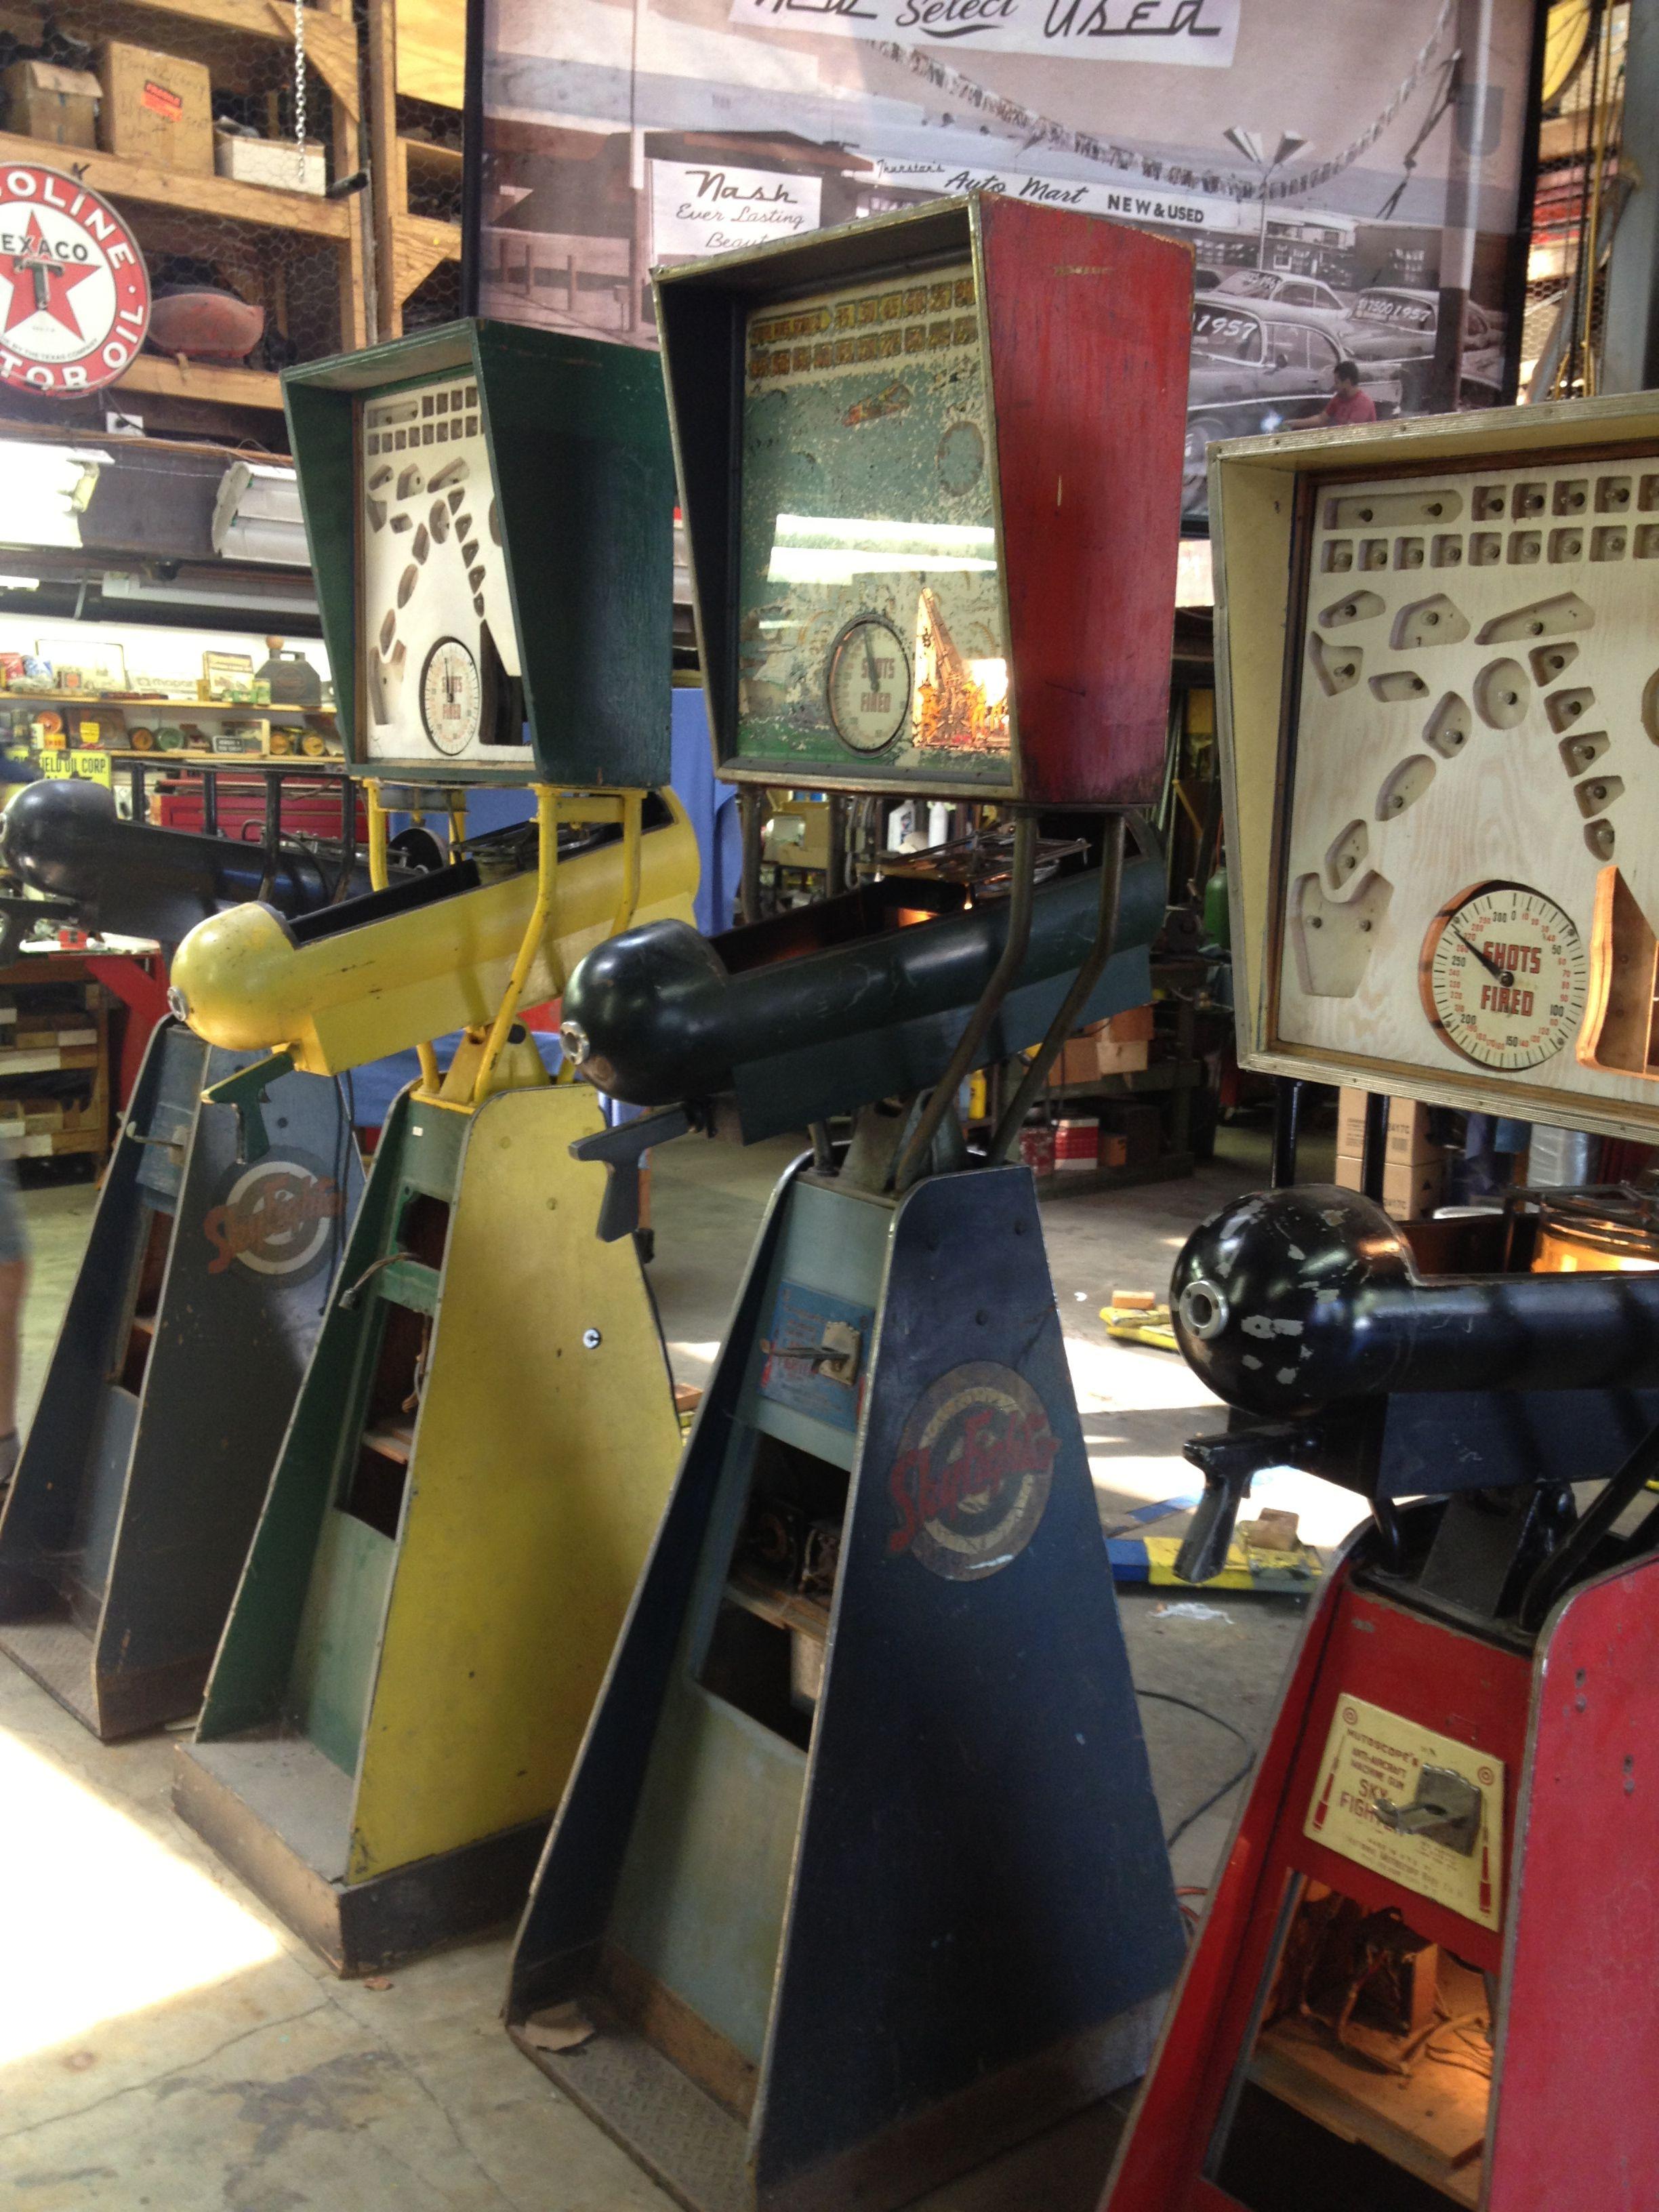 1940's skyfighter machines Arcade, Vending machine, Pinball